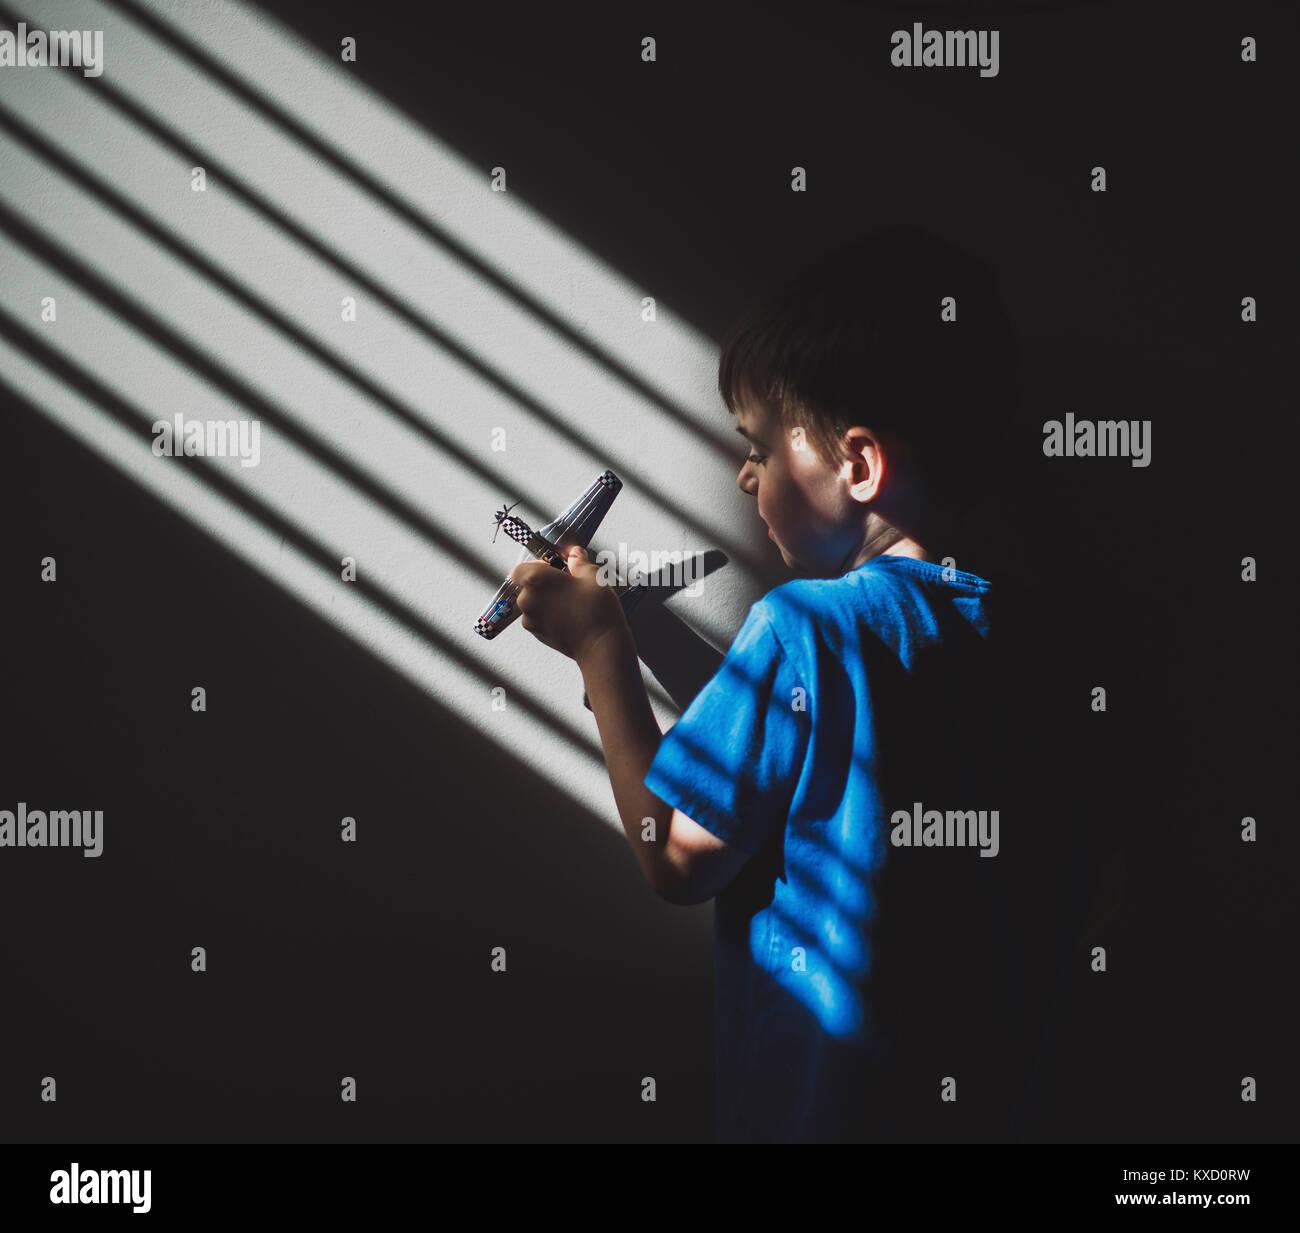 Sonnenlicht fällt auf Jungen spielen mit Spielzeug Flugzeug auf Wand in der Dunkelkammer Stockbild